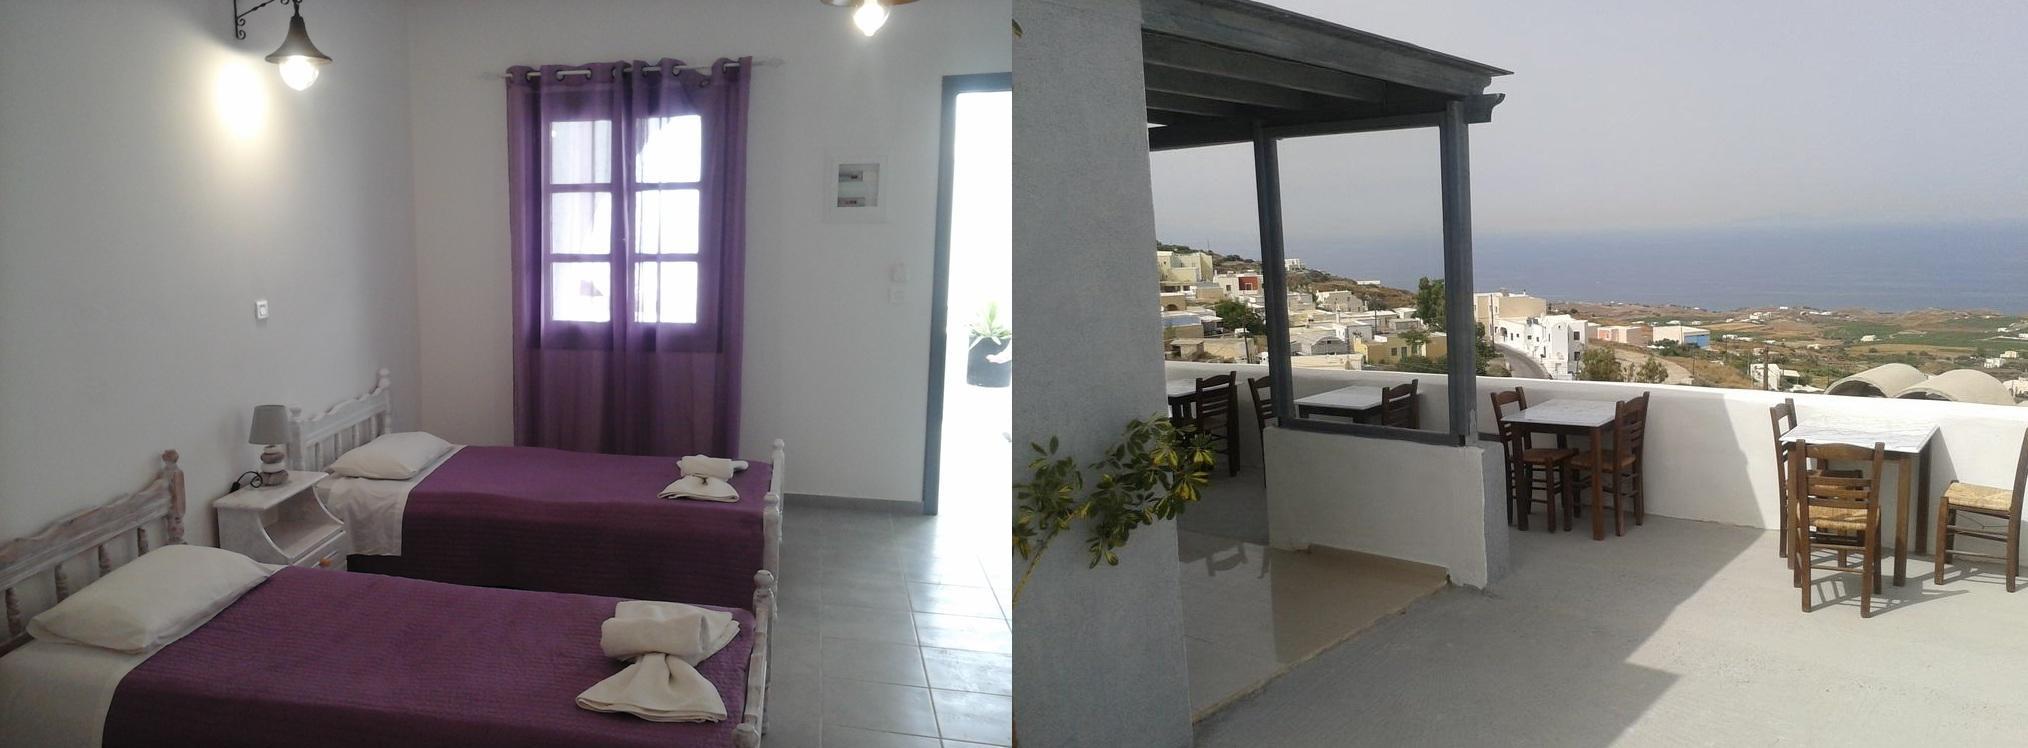 Na zdjęciu: pokój dwuosobowy i widok z hotelowego tarasu.